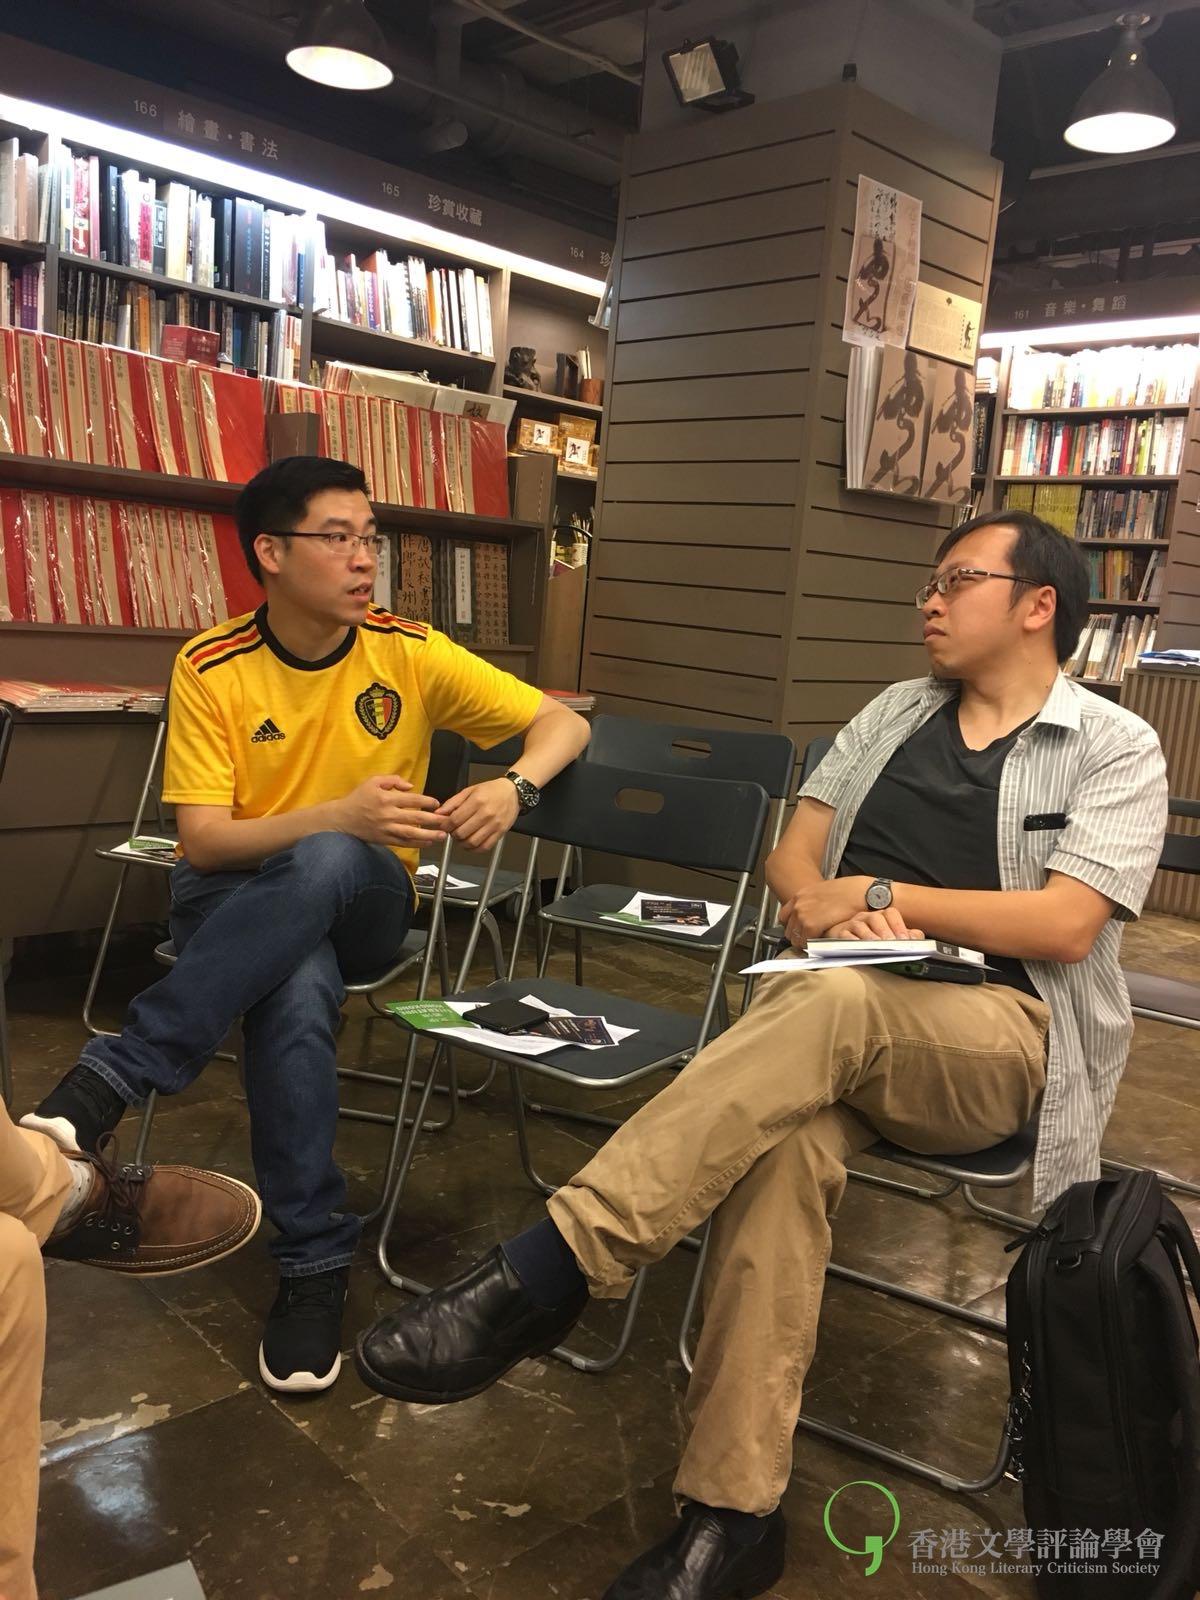 香港 猶太大屠殺 及寬容中心教育總監、歷史學者李家豪以歷史檔案解讀《盧麒之死》